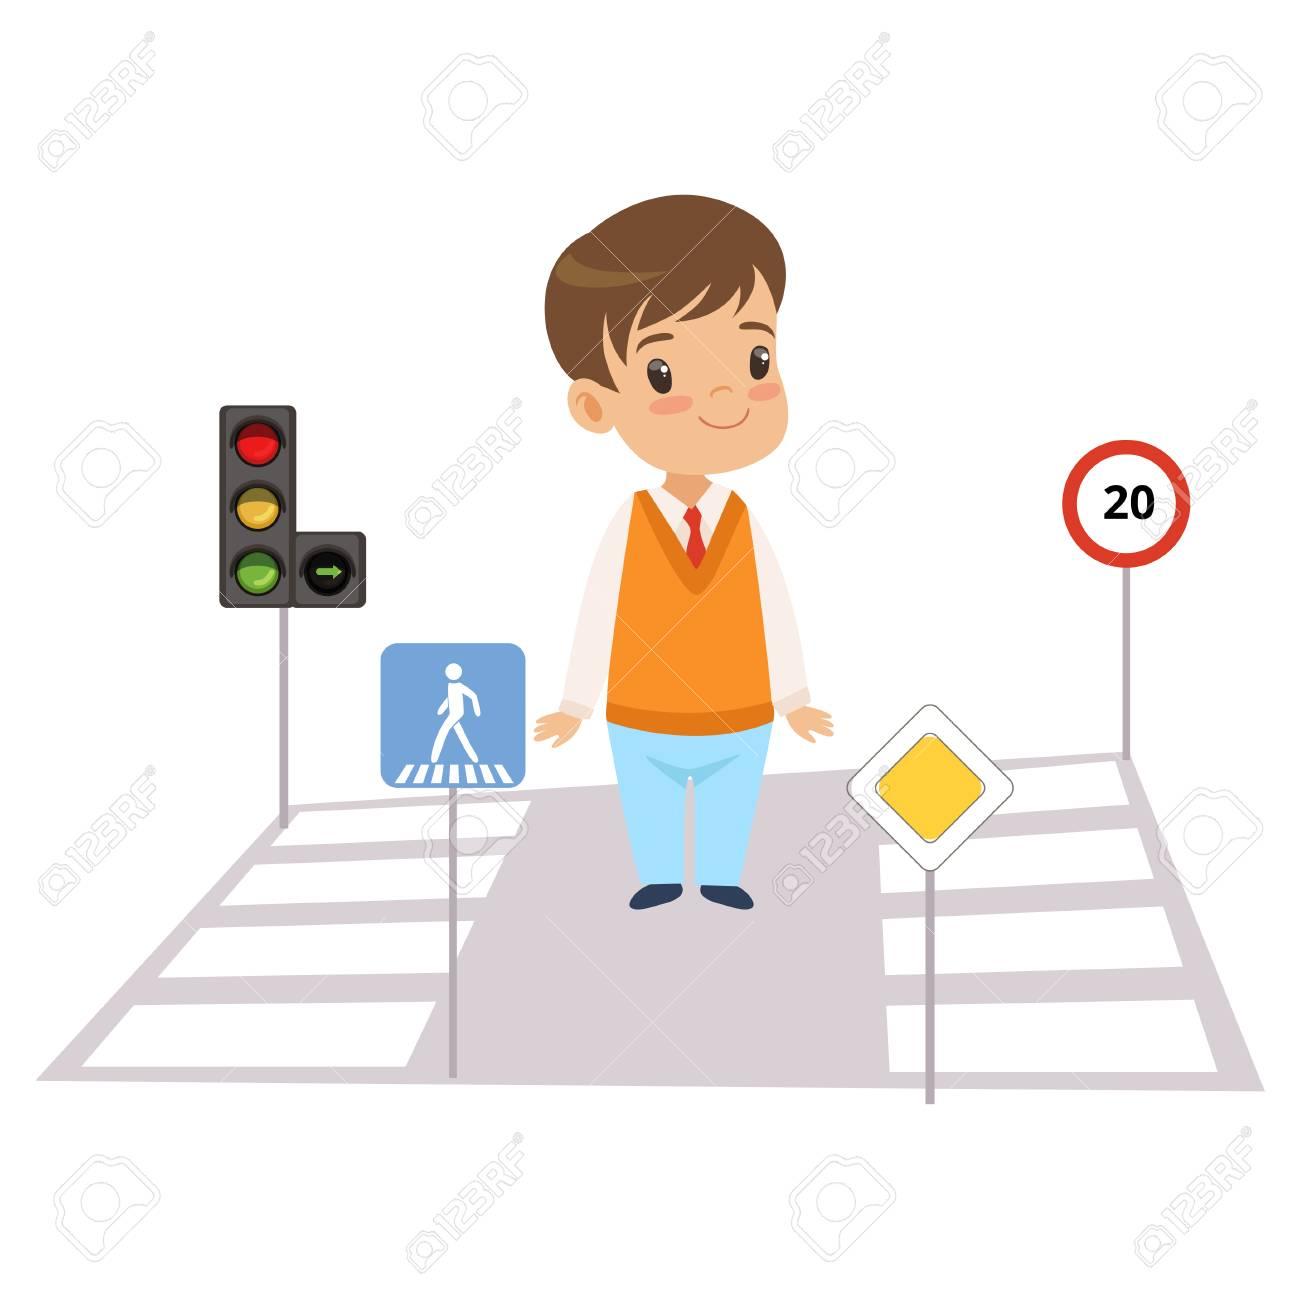 Road rules - Download Free Vectors, Clipart Graphics & Vector Art